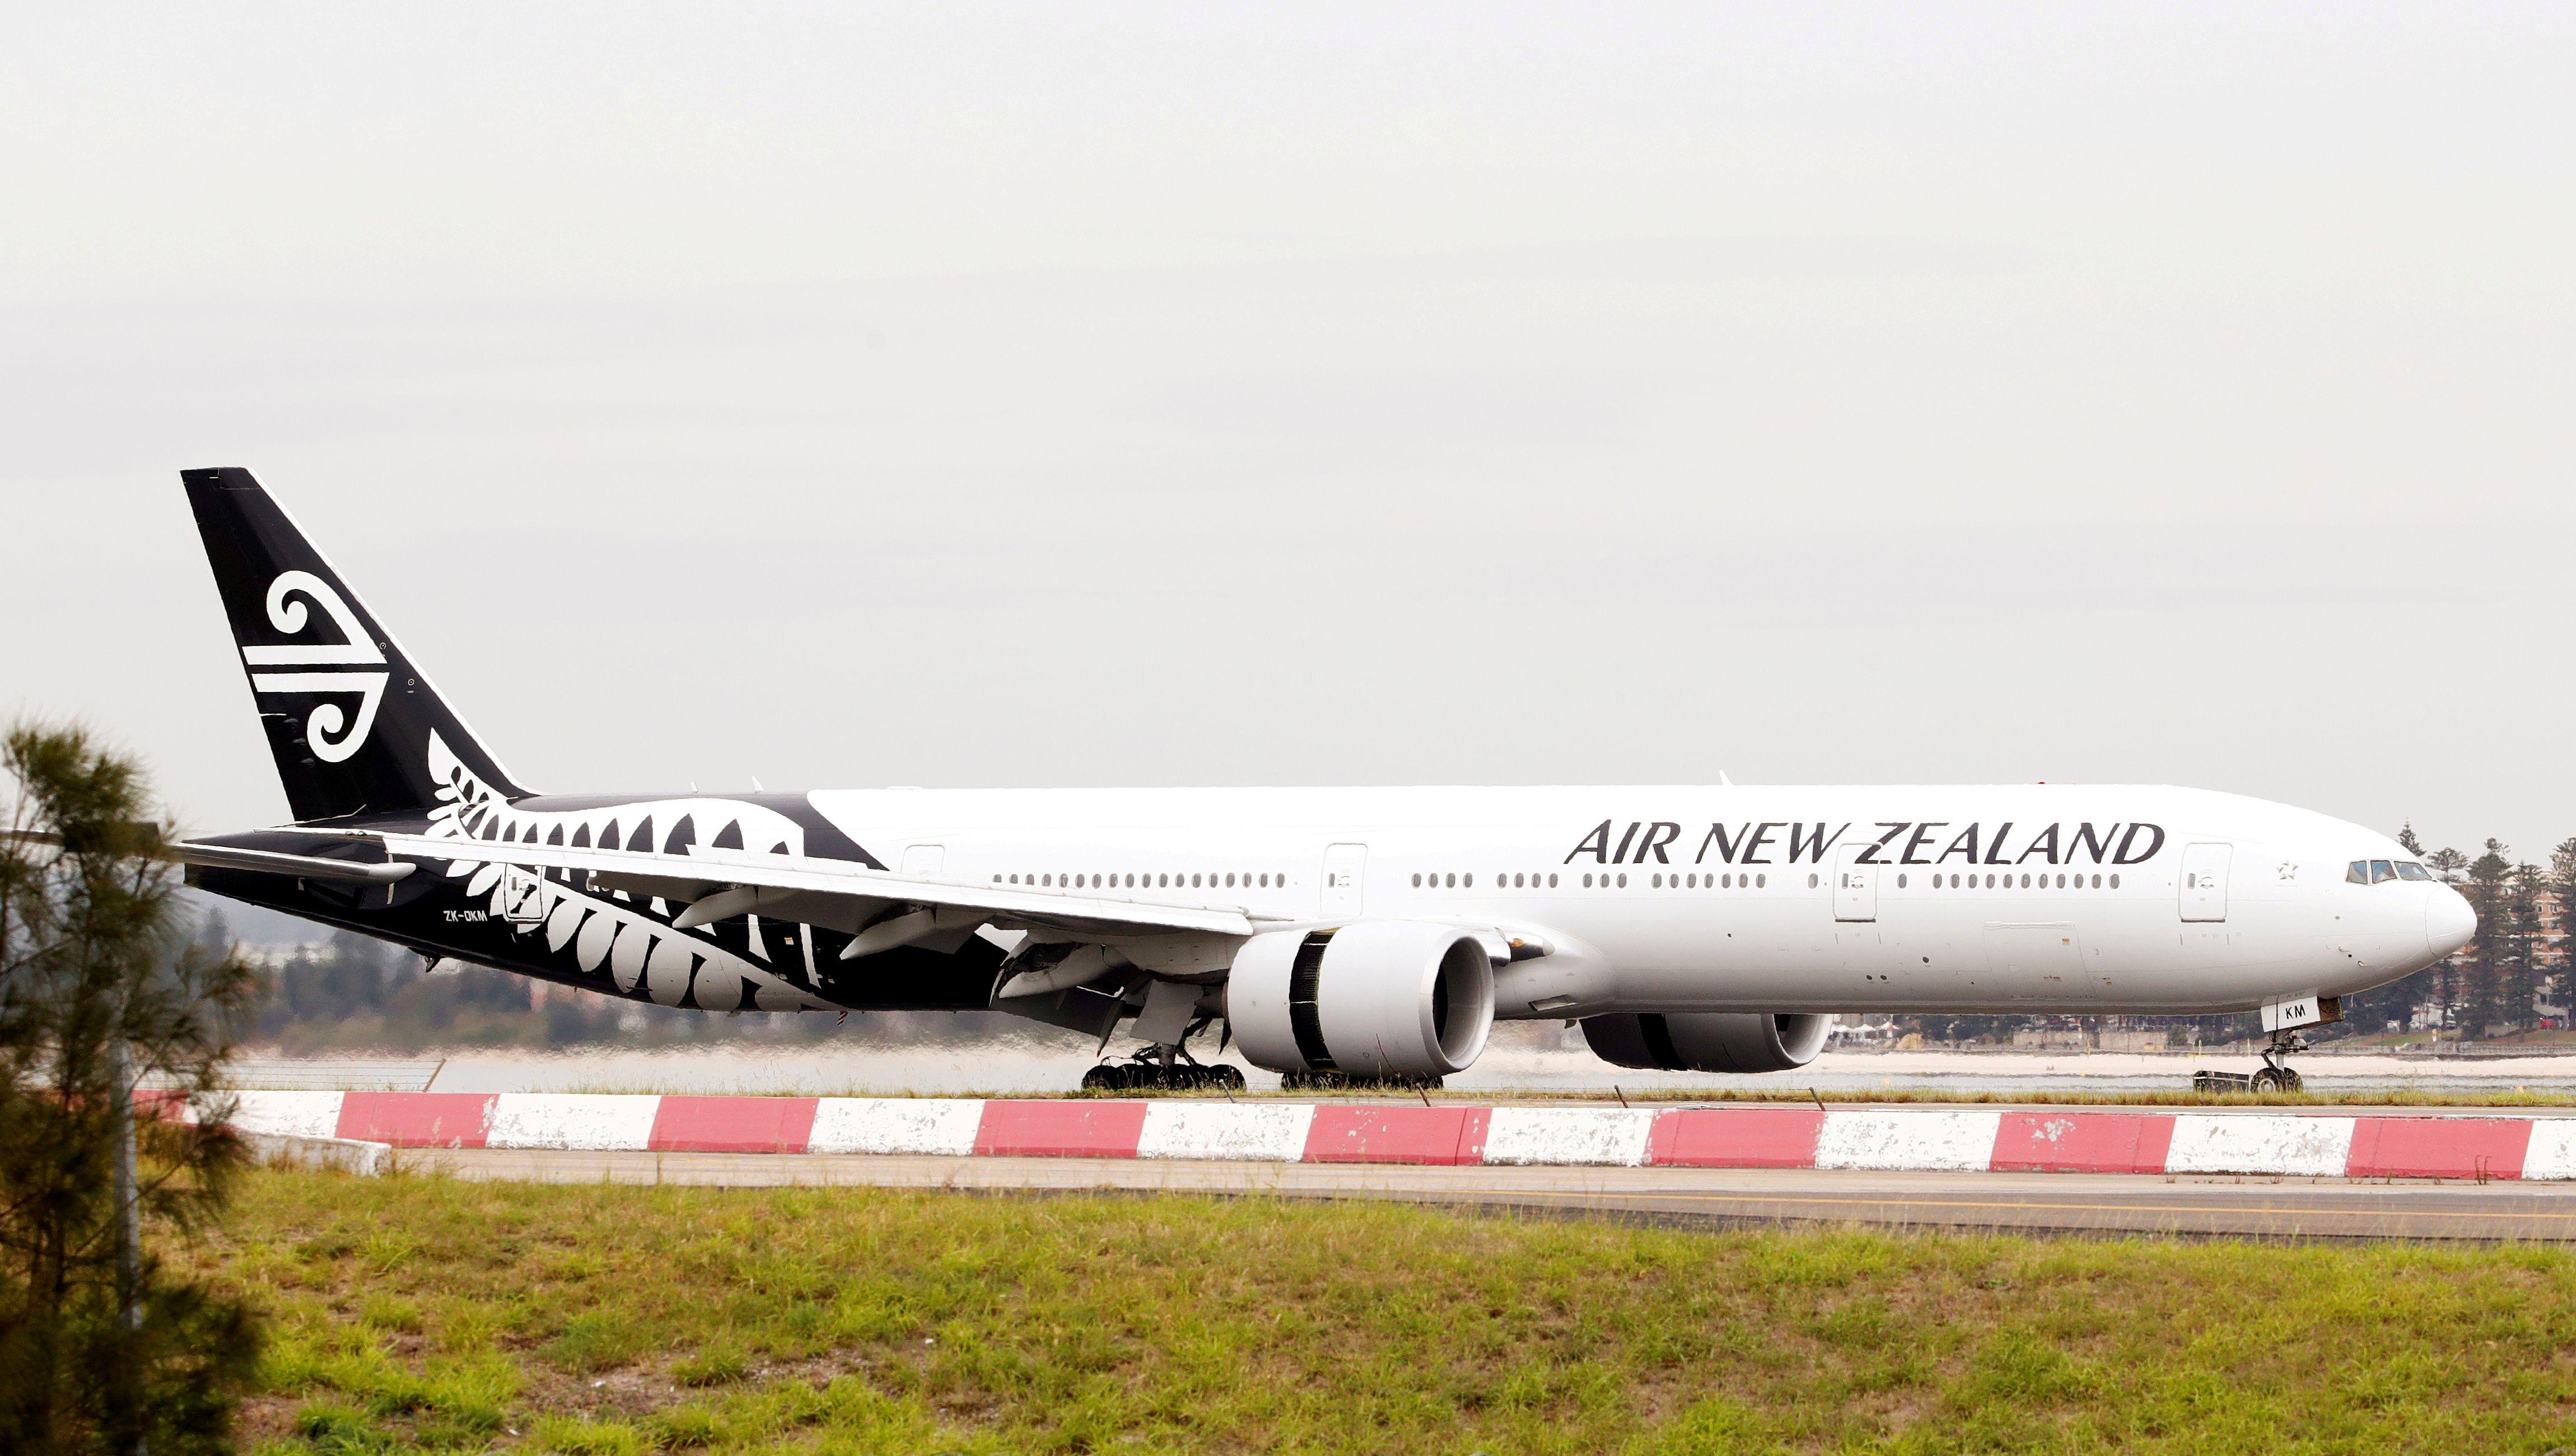 Air New Zealand canceló su operación al comienzo de la pandemia